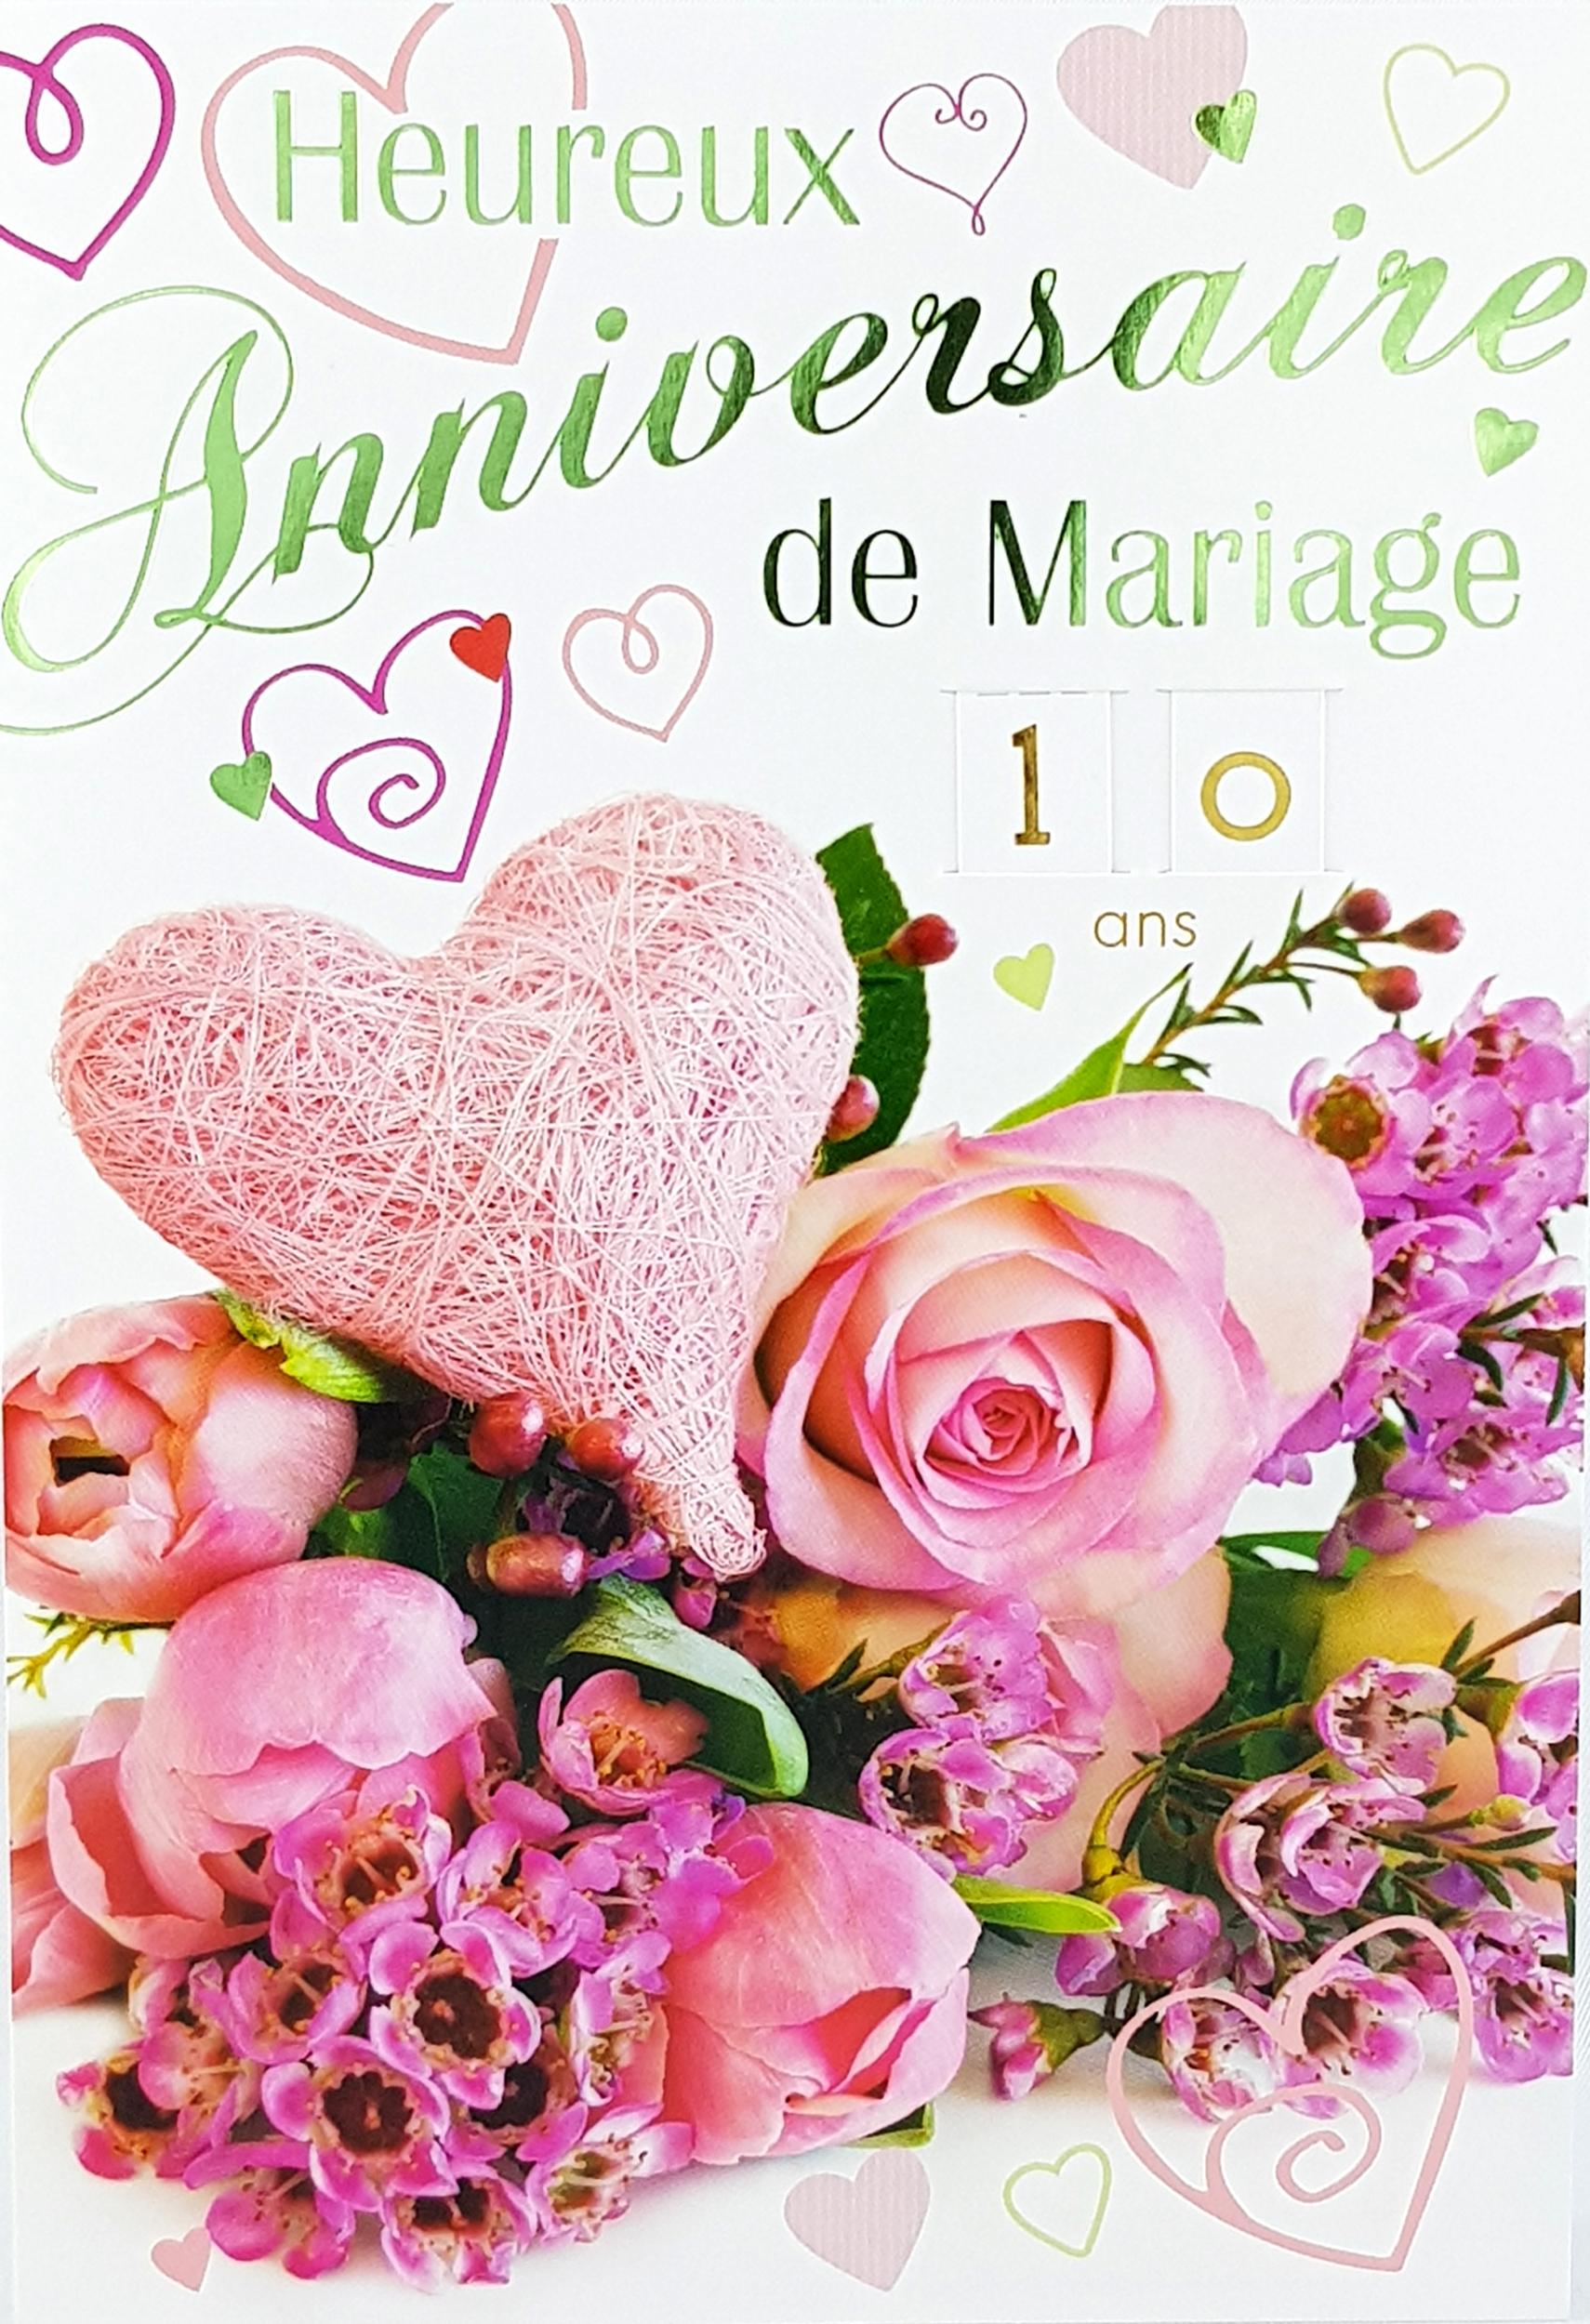 Carte de menu anniversaire de mariage. Réf. 51